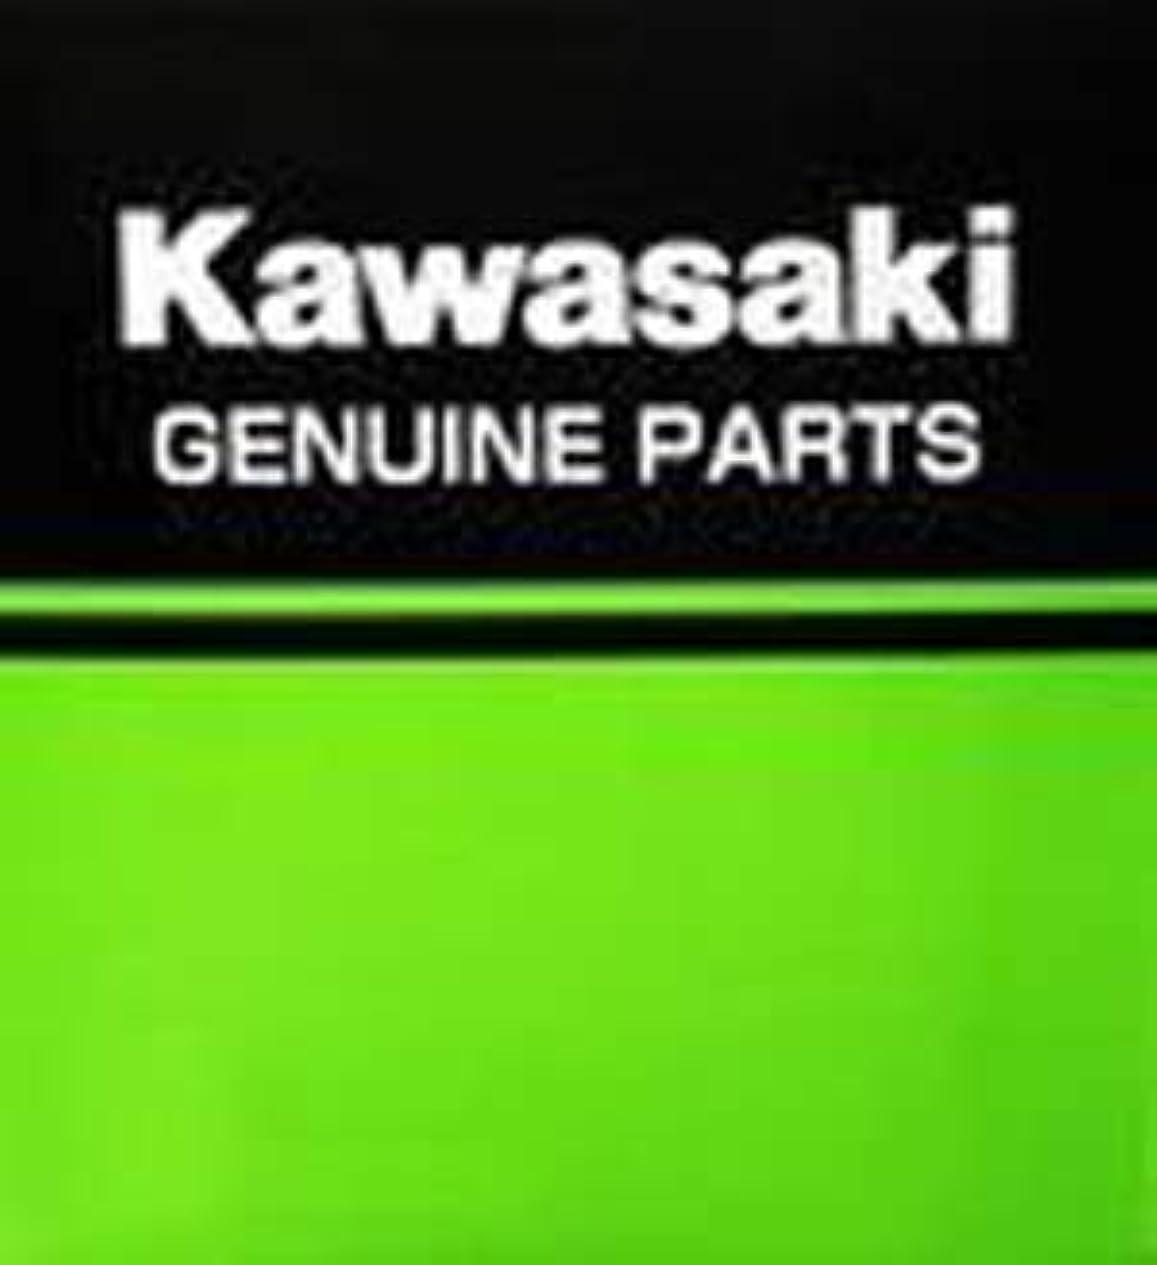 可能にする賛美歌憂鬱なKawasaki 2020年 Ninja1000SX パニアケースカバー(左右セット) パールブリザードホワイト J99994042254X 16500